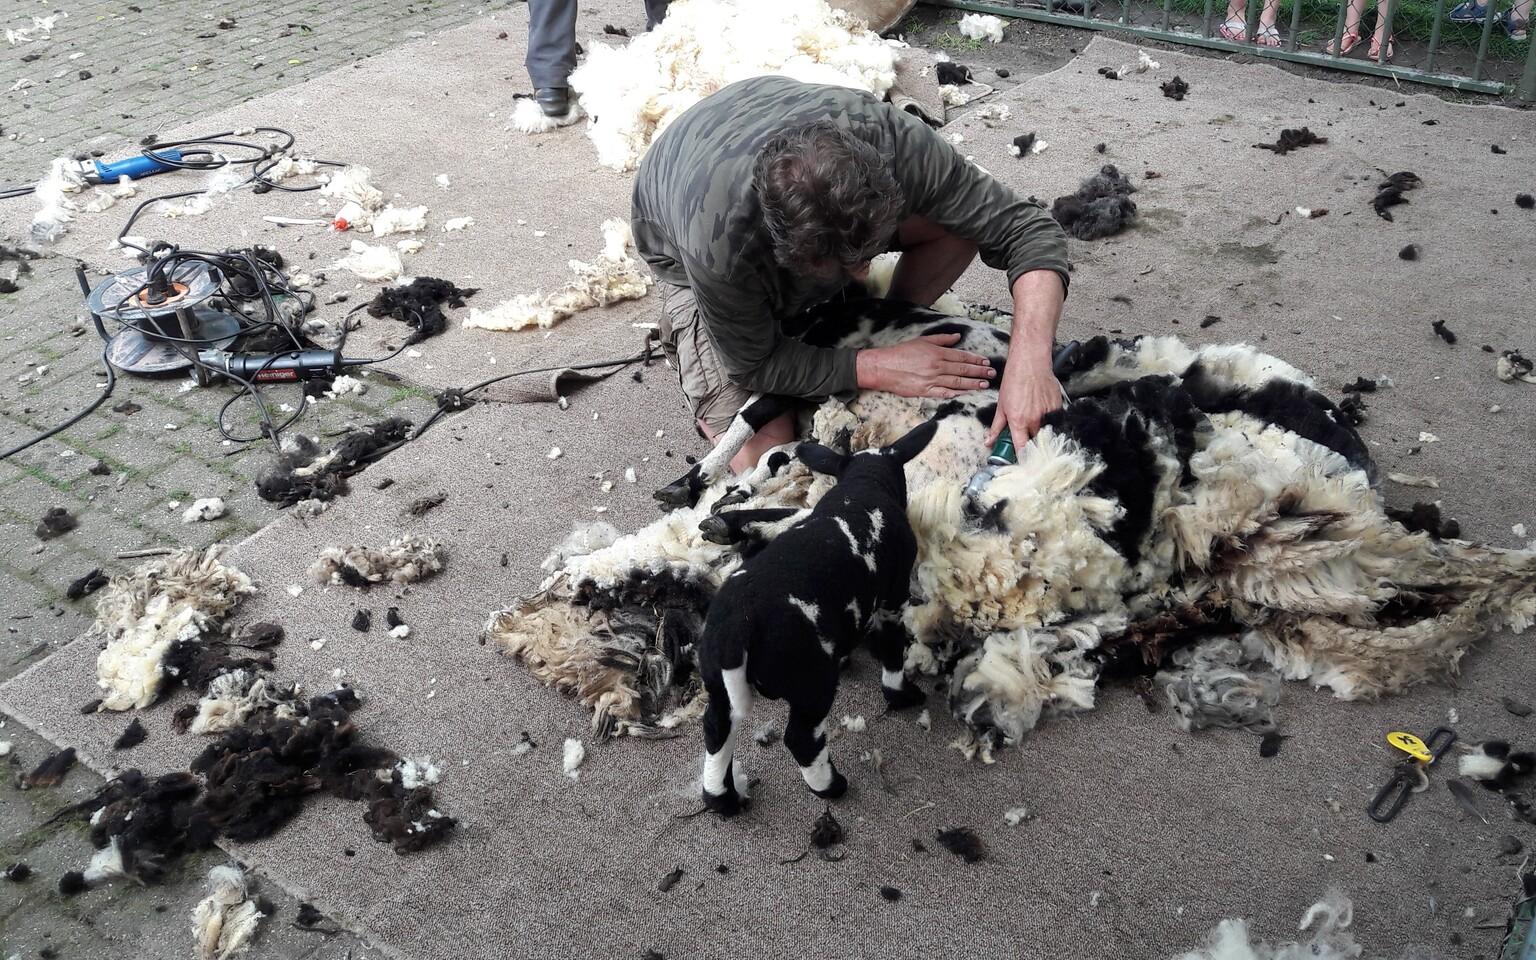 waar is mama? - einde van de lente, groot feest, heet jaarlijkse schaapsscheerdersfeest, eindelijk die winterjas uit en klaar voor de zomer, het lam kijkt van dichtb - foto door RolandvanTol op 11-04-2021 - locatie: Burgemeester Bruins Slotsingel 11, 2403 NC Alphen aan den Rijn, Nederland - deze foto bevat: schaap, lam, scheren, wol, vacht, jeans, asfalt, werkend dier, vogel, verontreiniging, evenement, landschap, verspilling, bodem, weg oppervlak